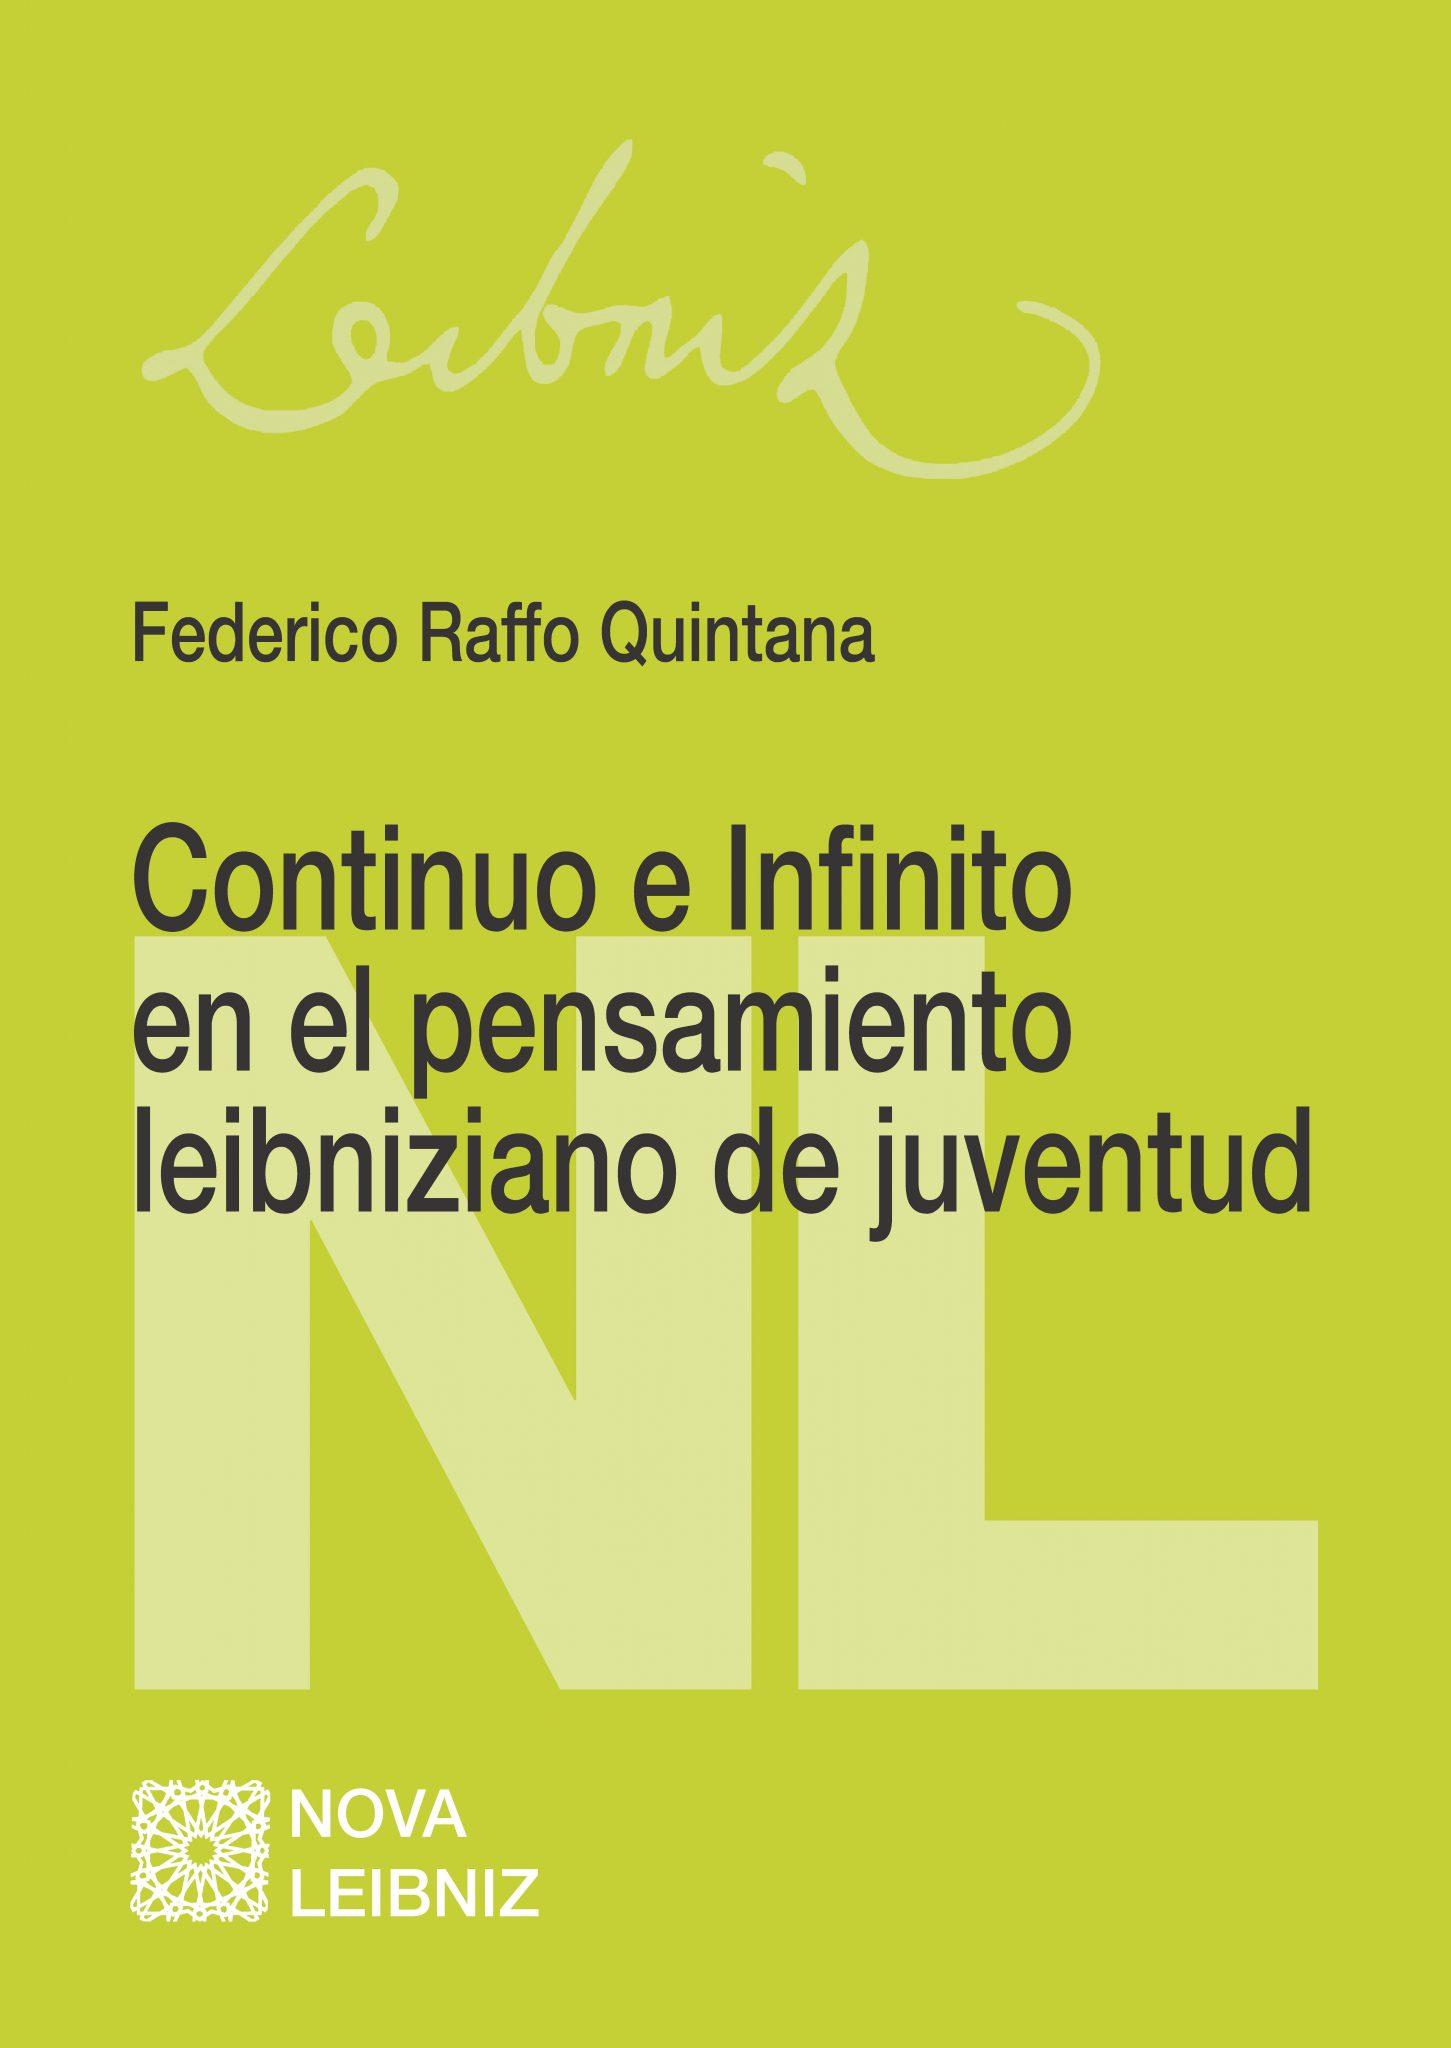 Continuo e Infinito en el pensamiento leibniziano de juventud